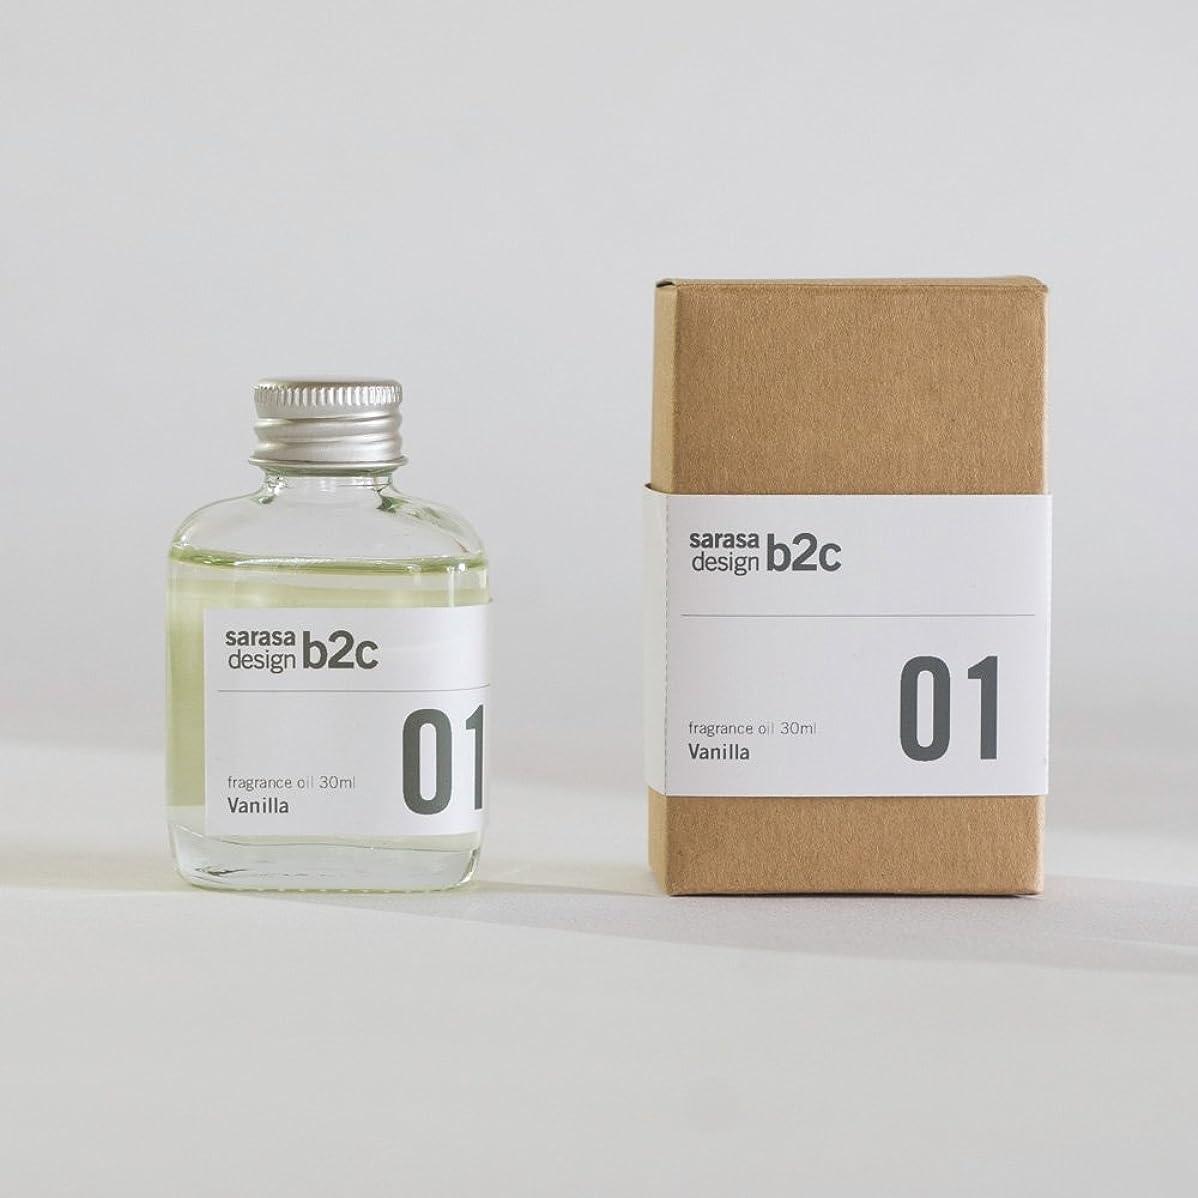 クリープ発行するの量ar035sb/b2c エッセンシャルオイル30ml《スプリングブリーズ》| 芳香剤 ルームエッセンシャル リードディフューザー アロマ ディフューザー